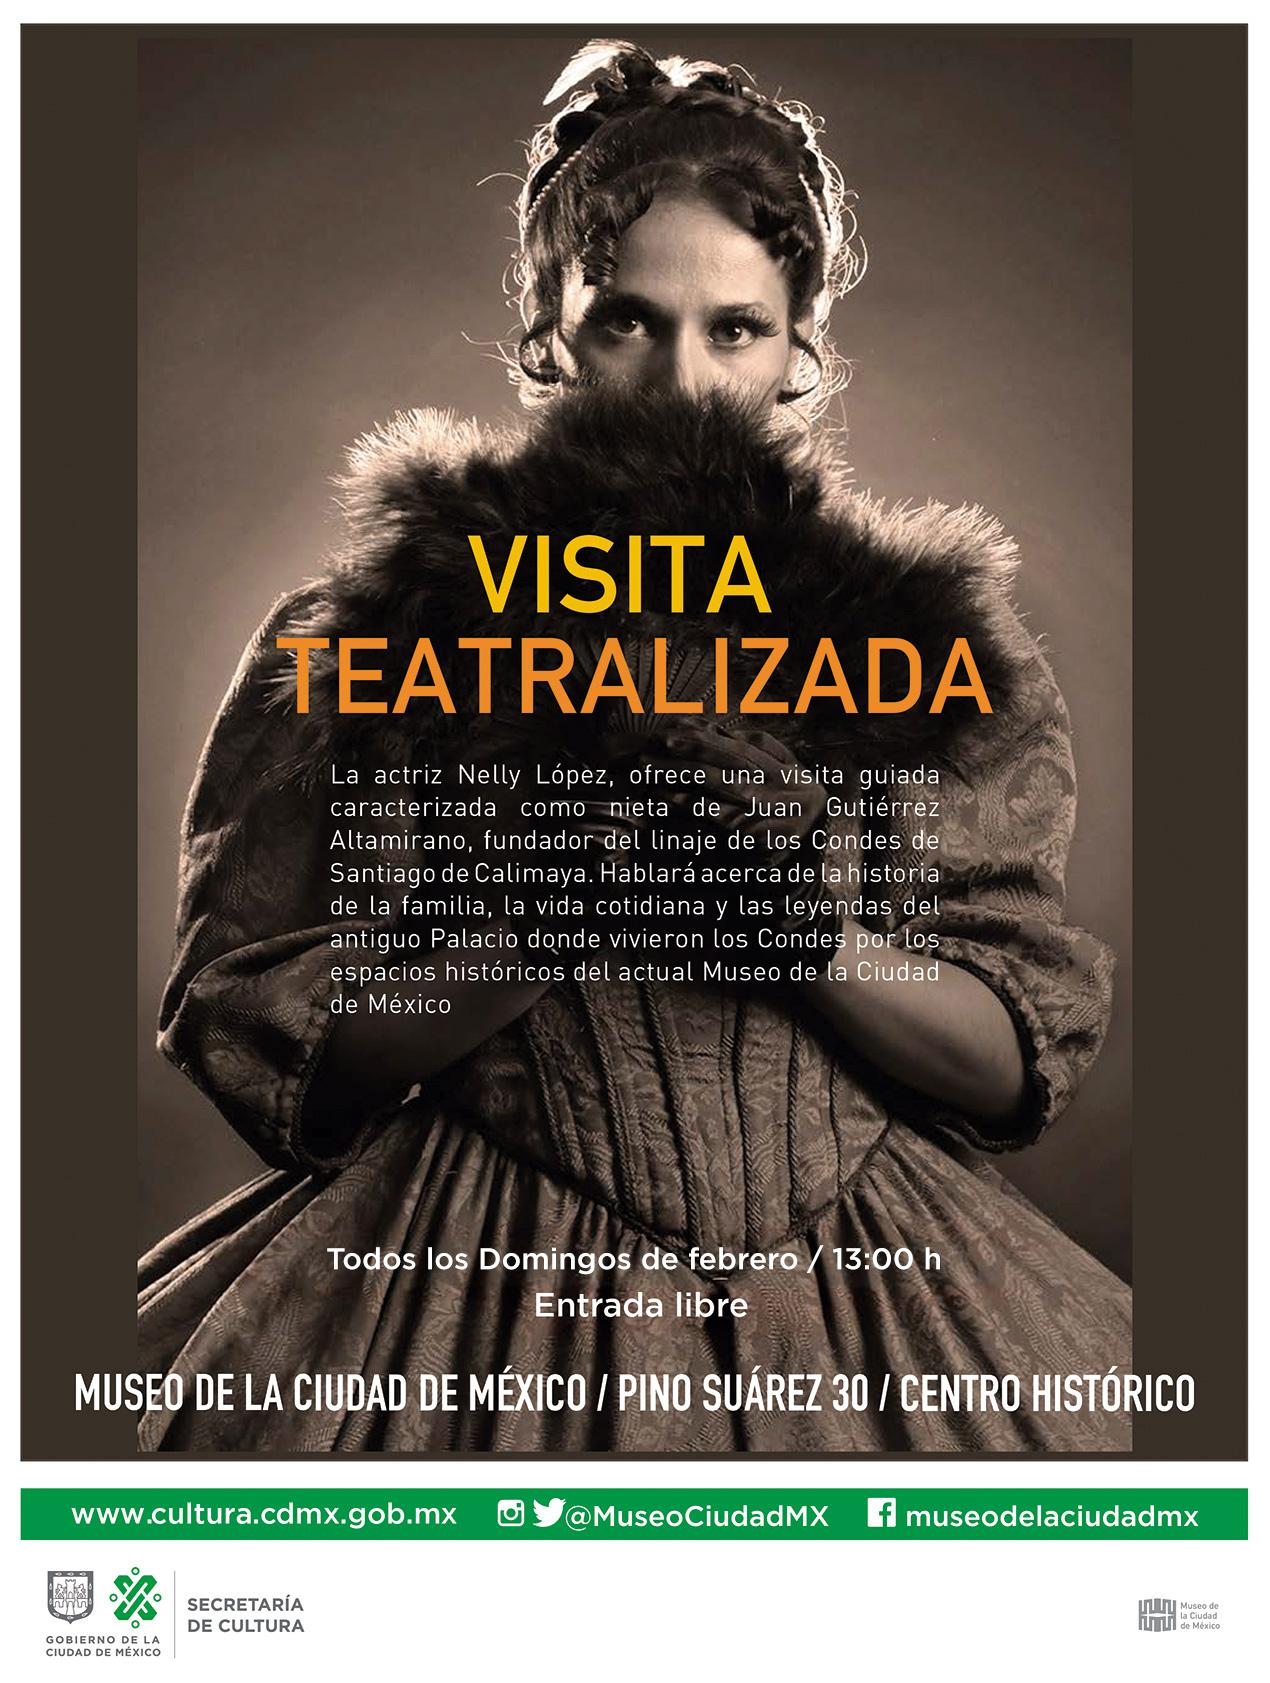 Visita Guiada Teatralizada